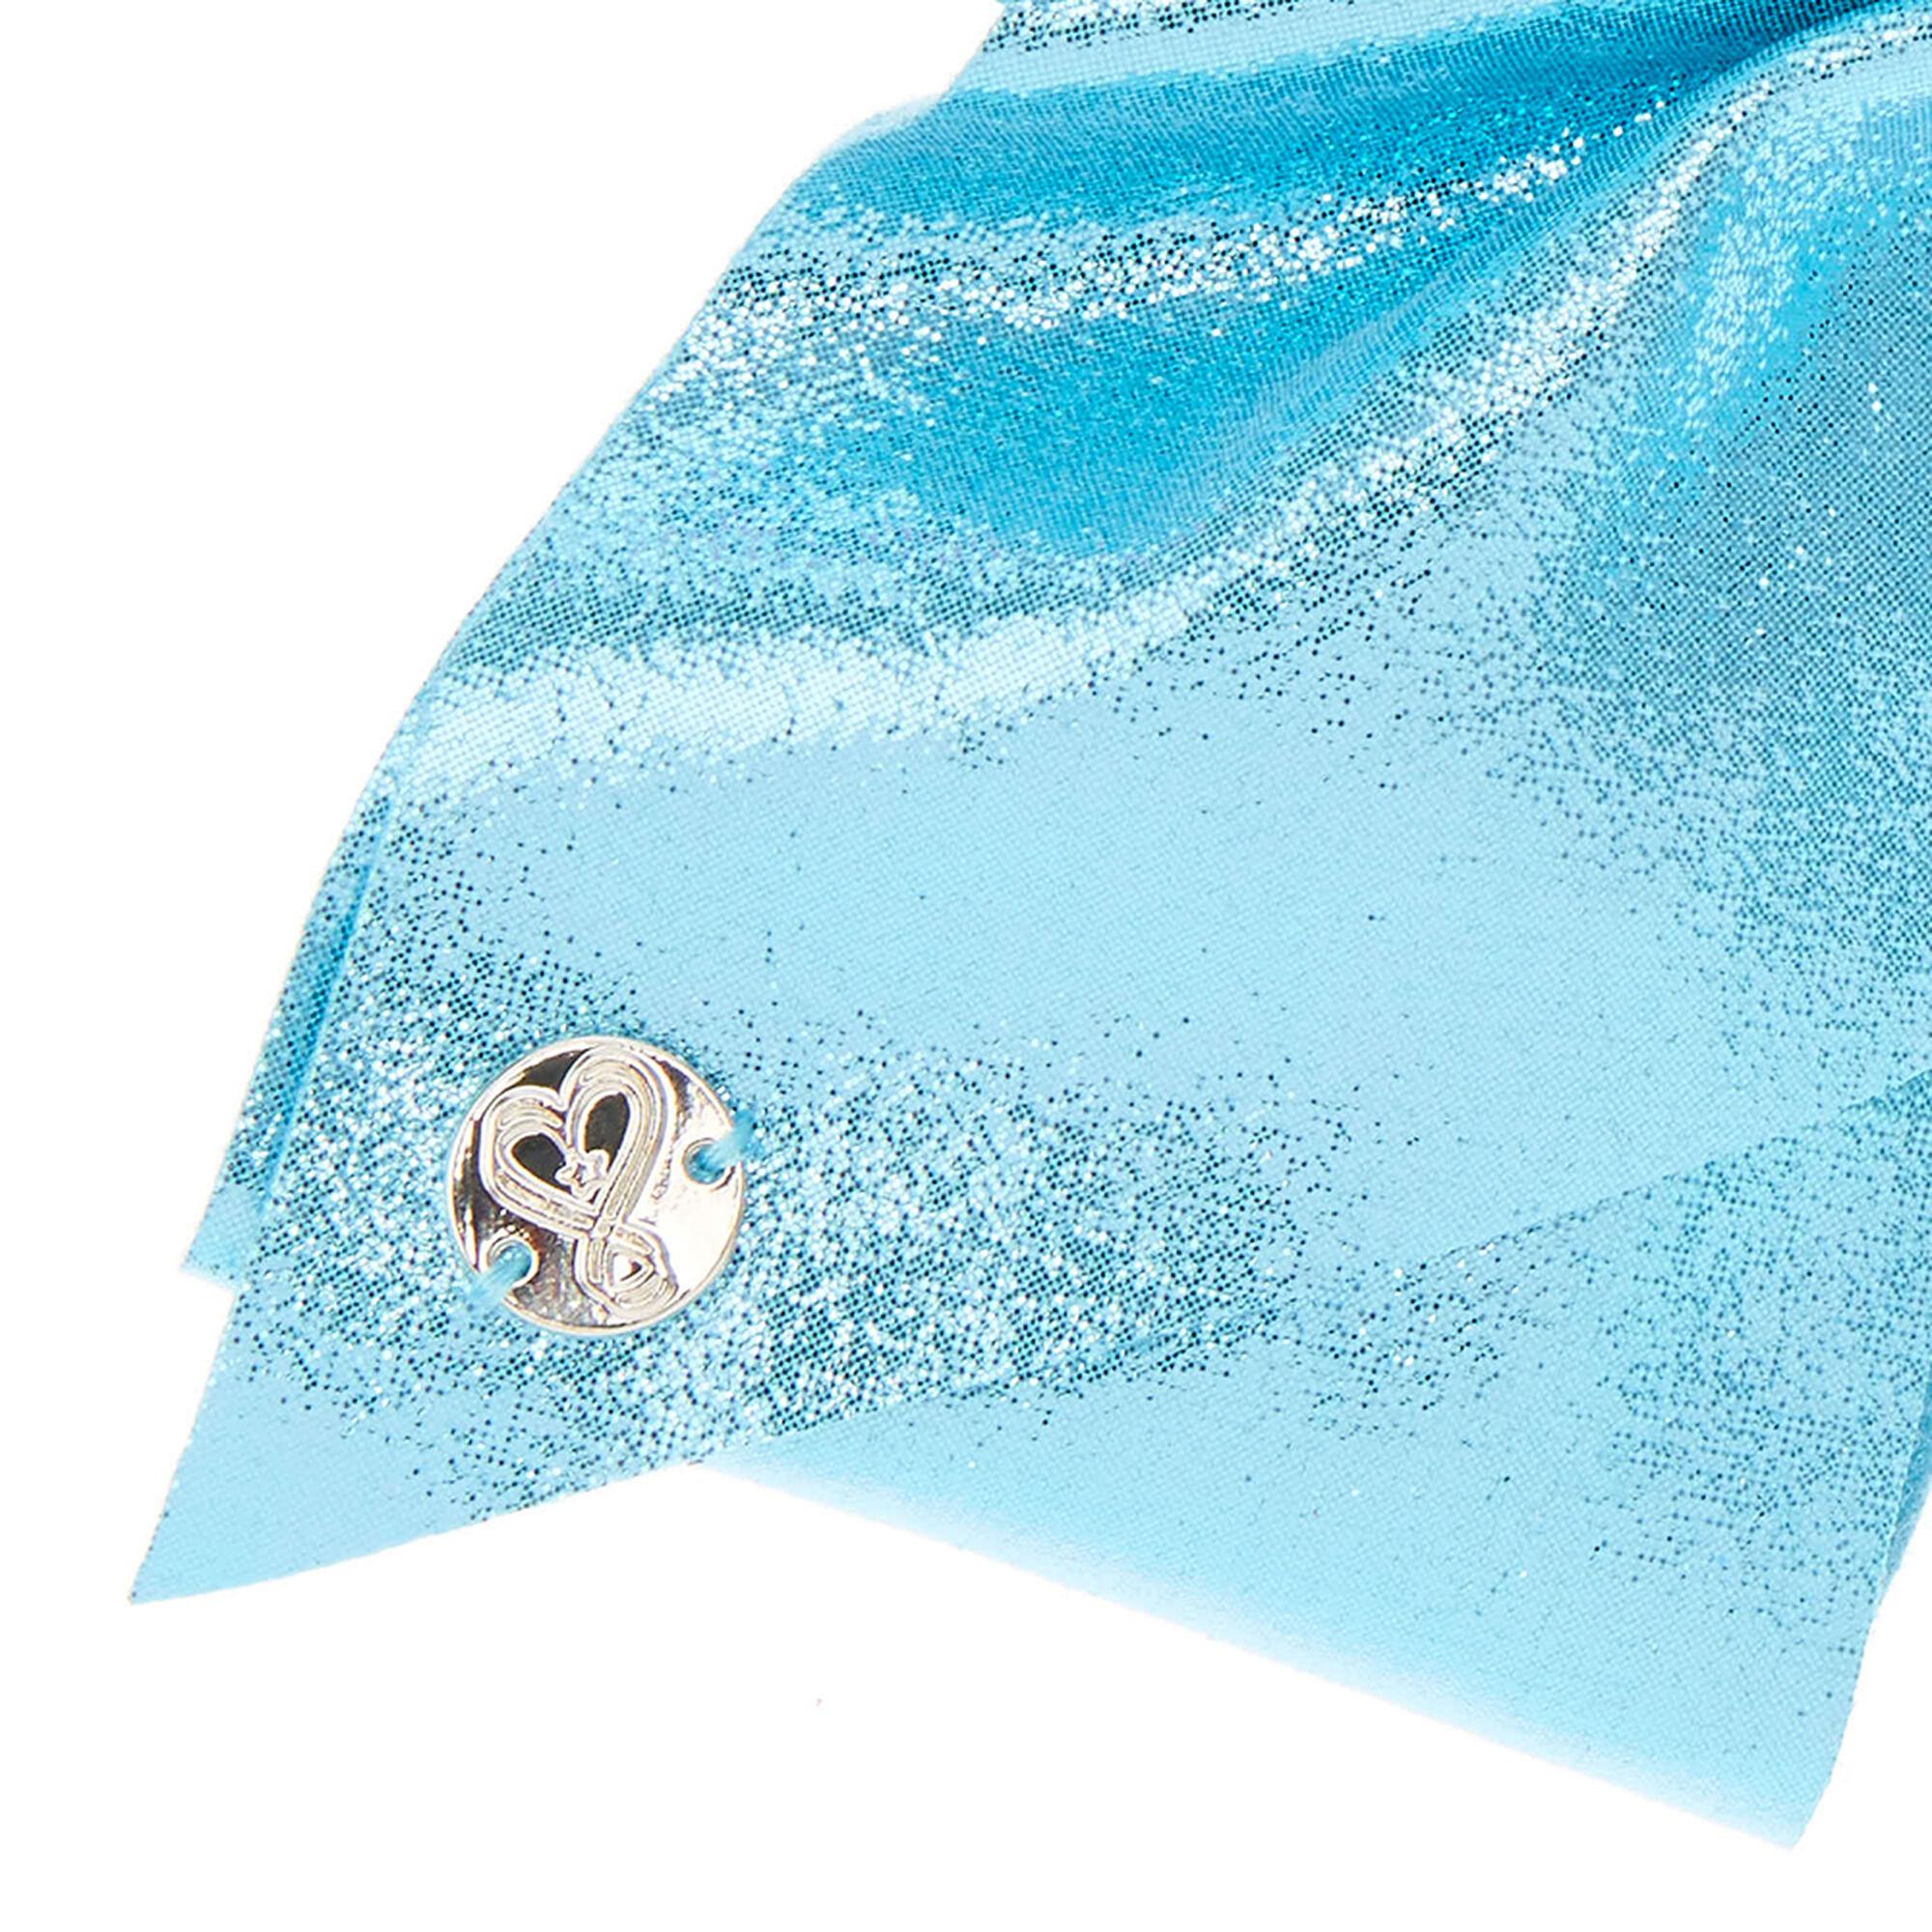 gros n ud pour les cheveux turquoise paillettes sign jojo siwa claire 39 s fr. Black Bedroom Furniture Sets. Home Design Ideas